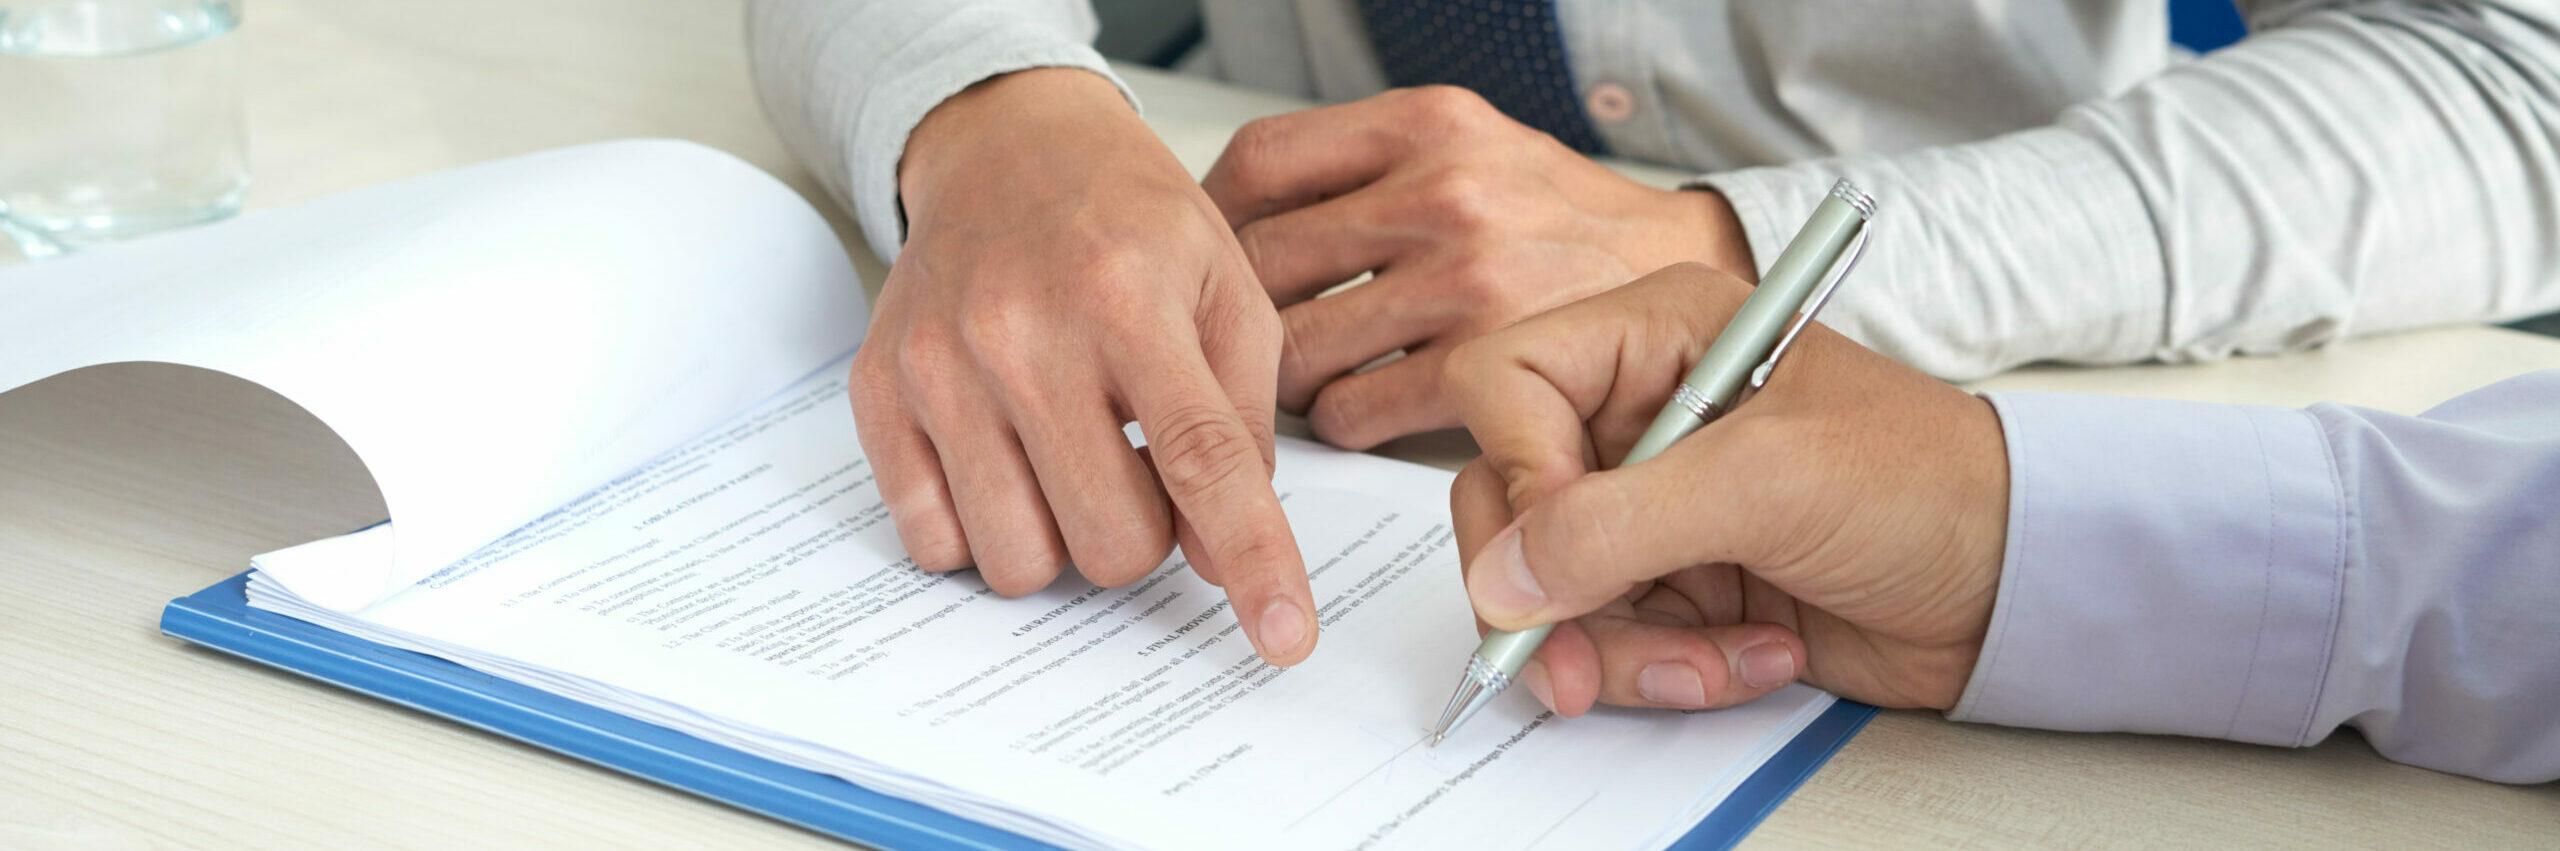 Fiscale verplichtingen voor zowel residenten als niet-residenten